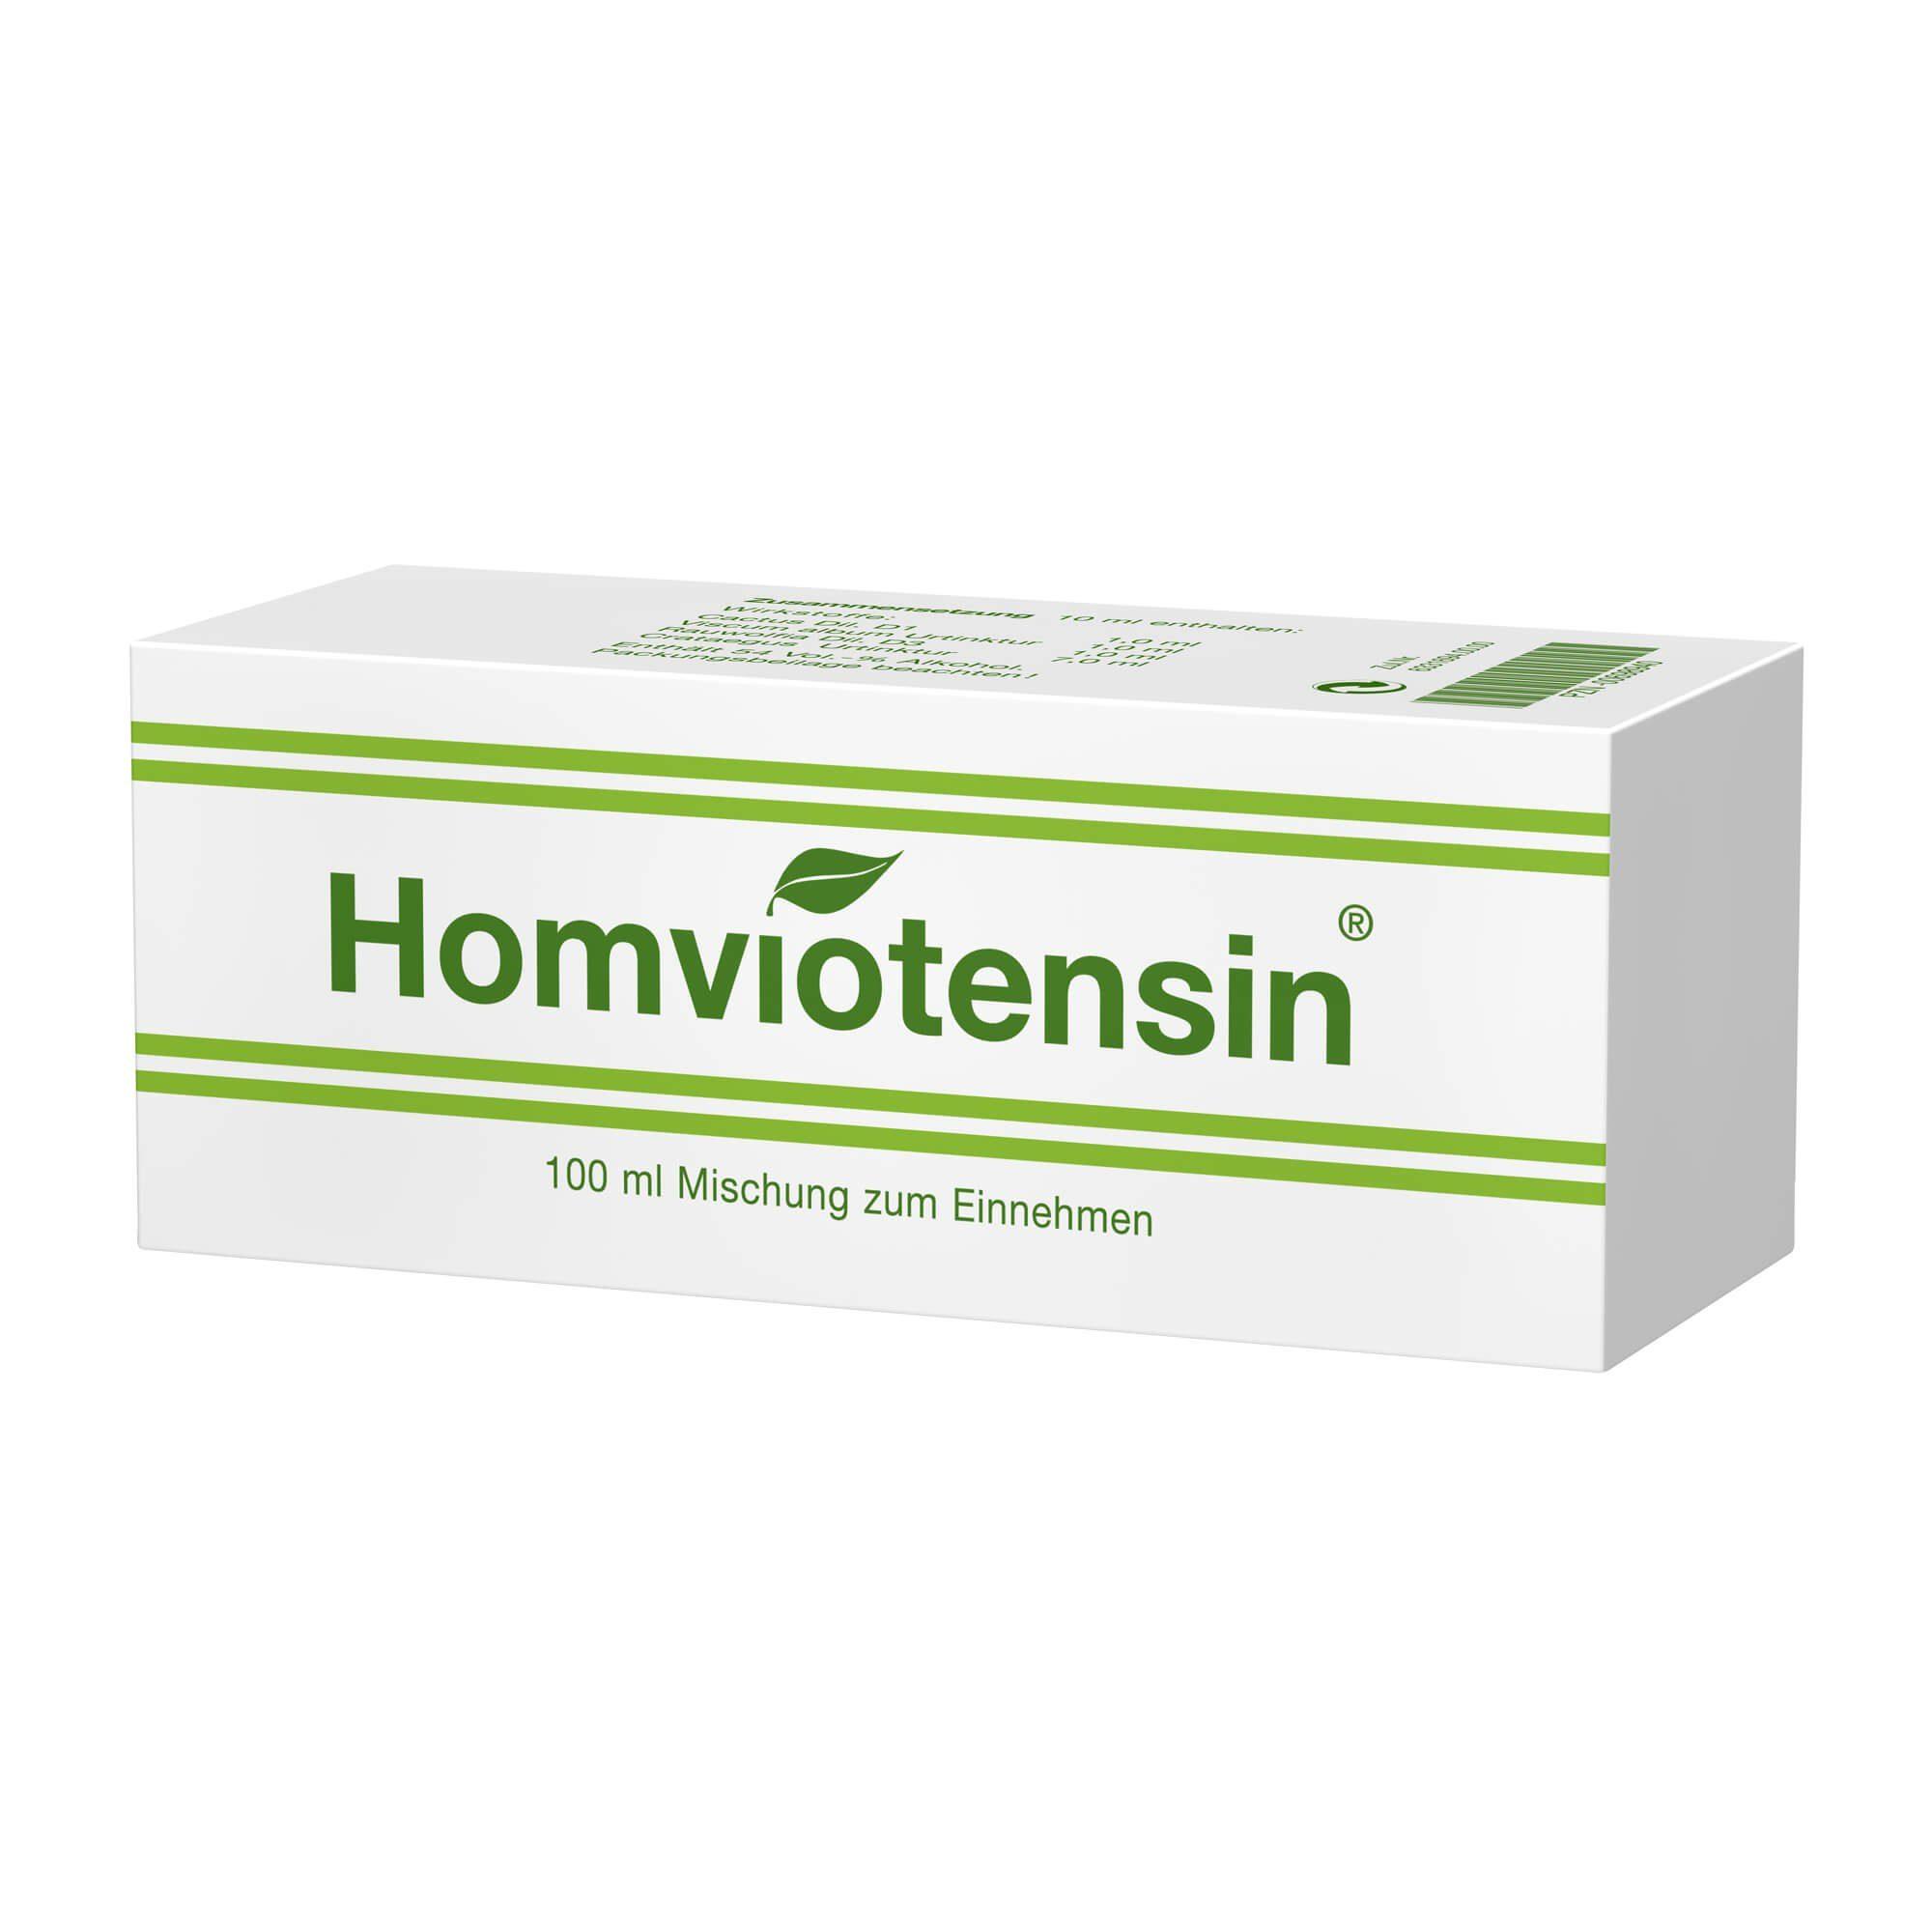 Homviotensin Tropfen zum Einnehmen, 100 ml